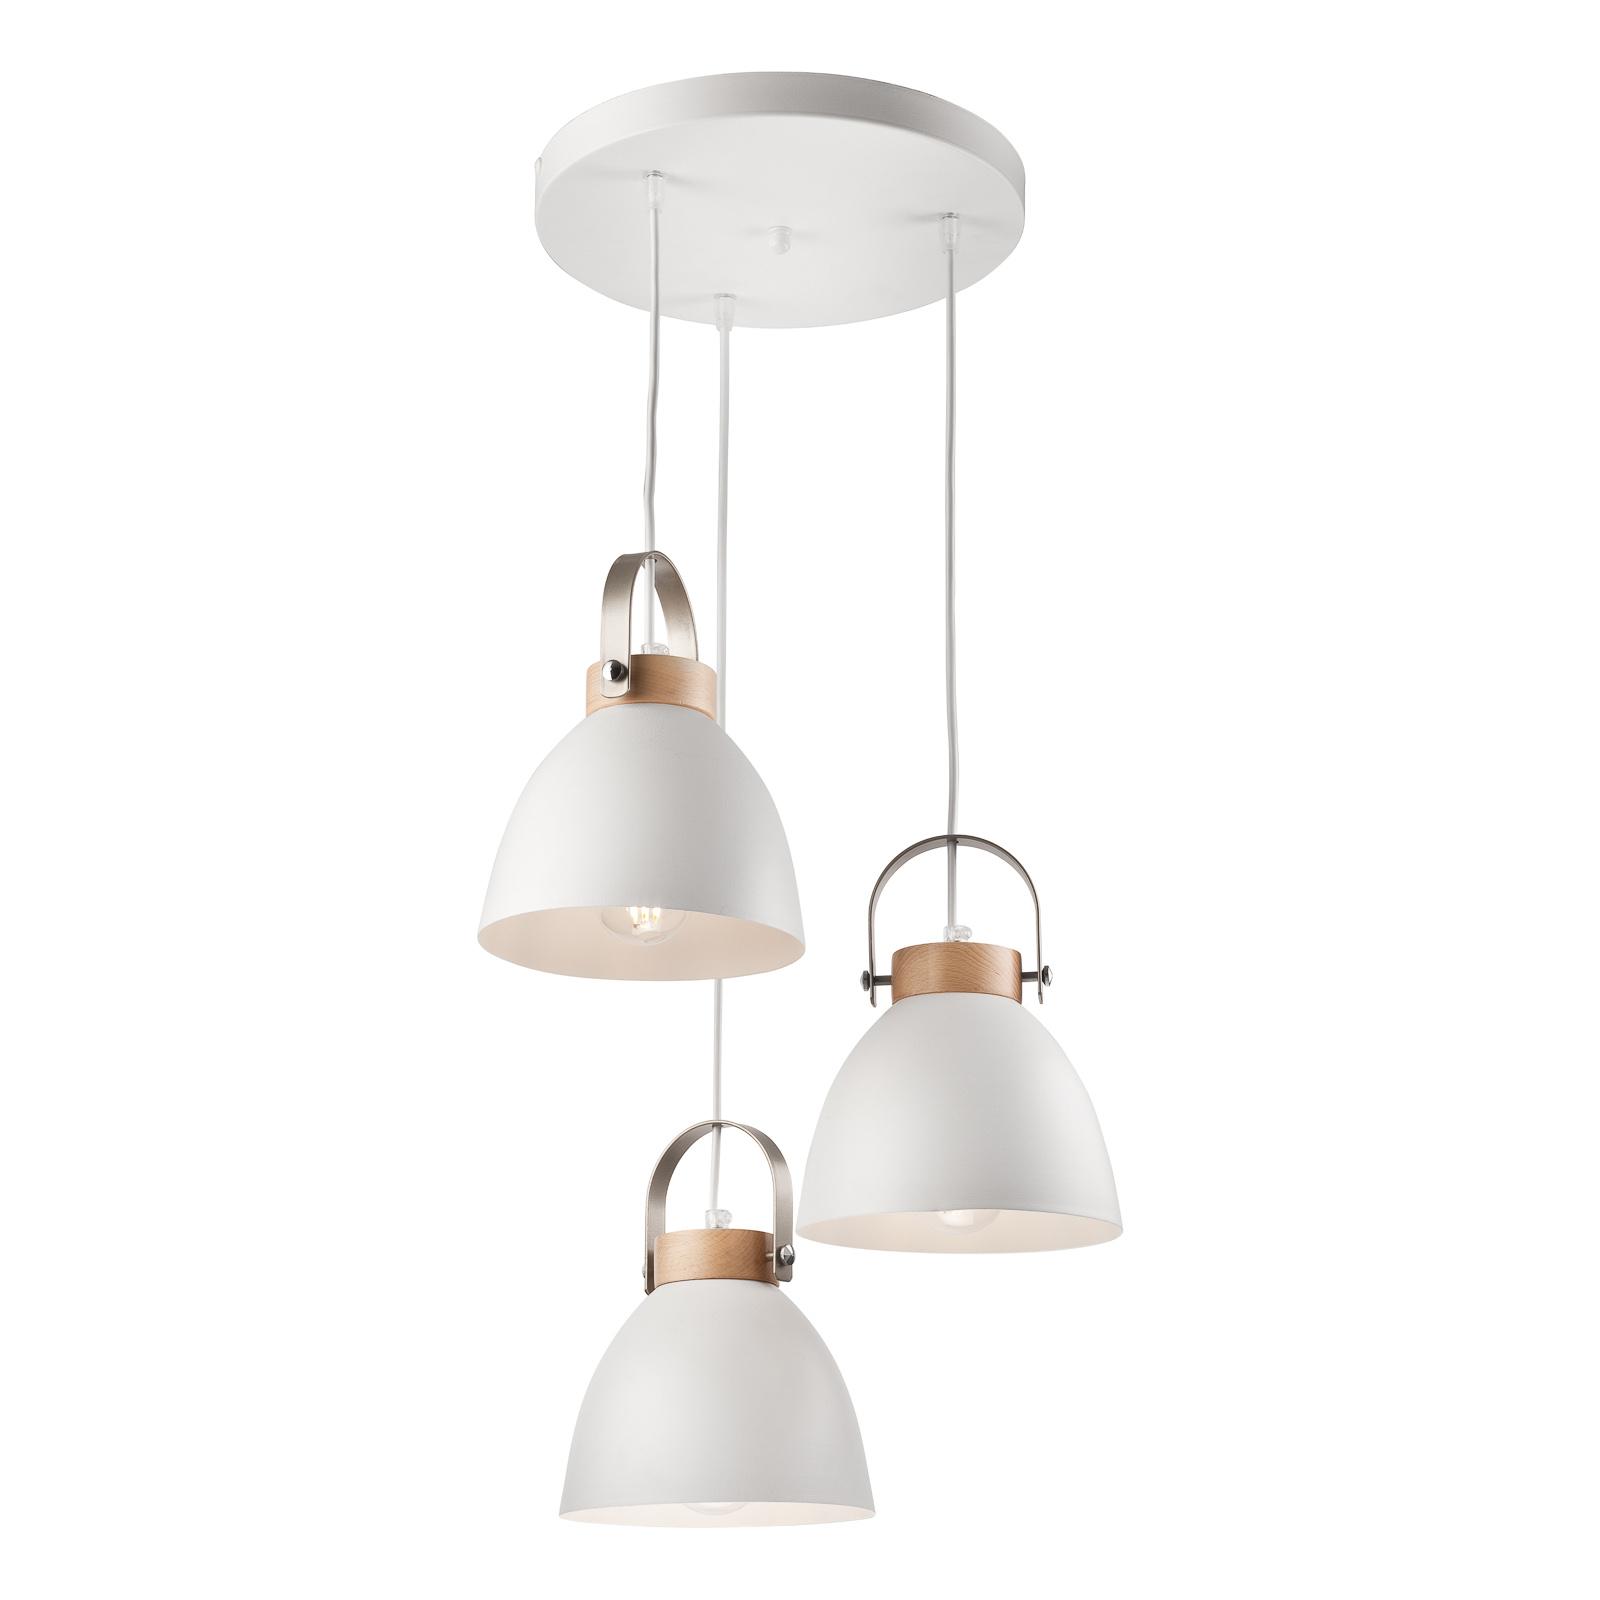 Suspension Bergen à 3 lampes, ronde, blanche